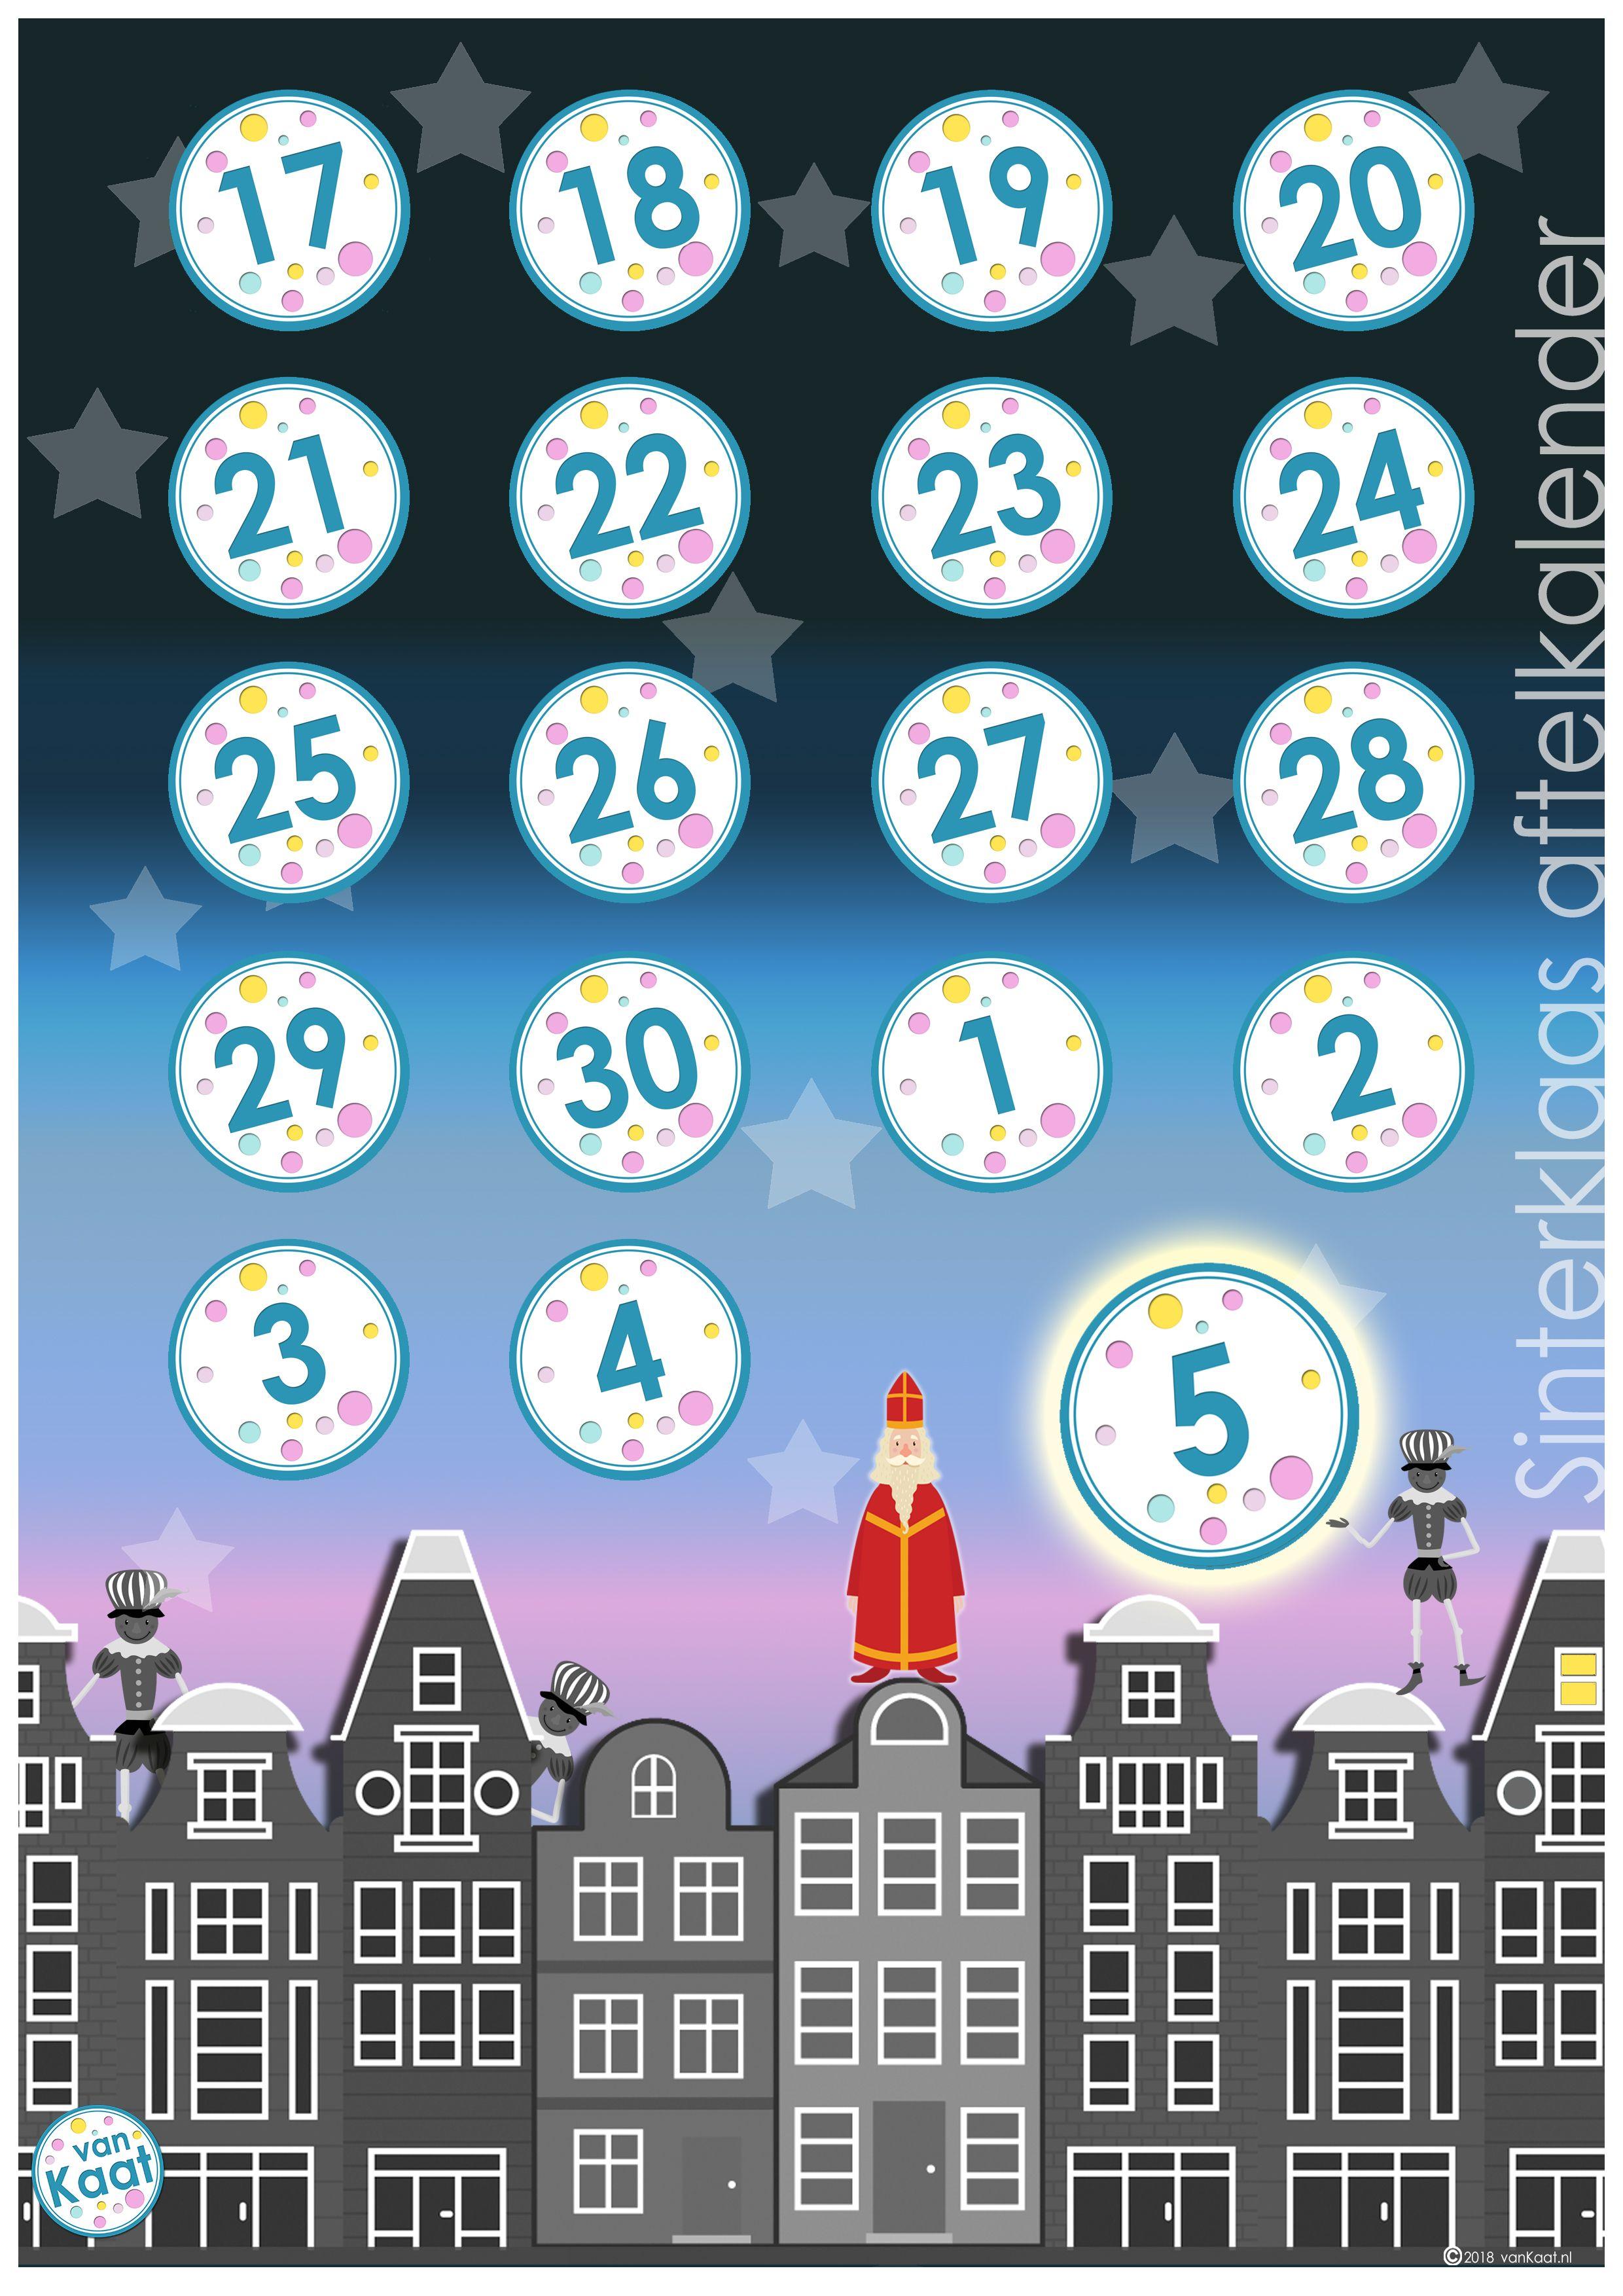 Aftelkalender Sinterklaas 2018 Sinterklaas Knutselen Sinterklaas Aftelkalender